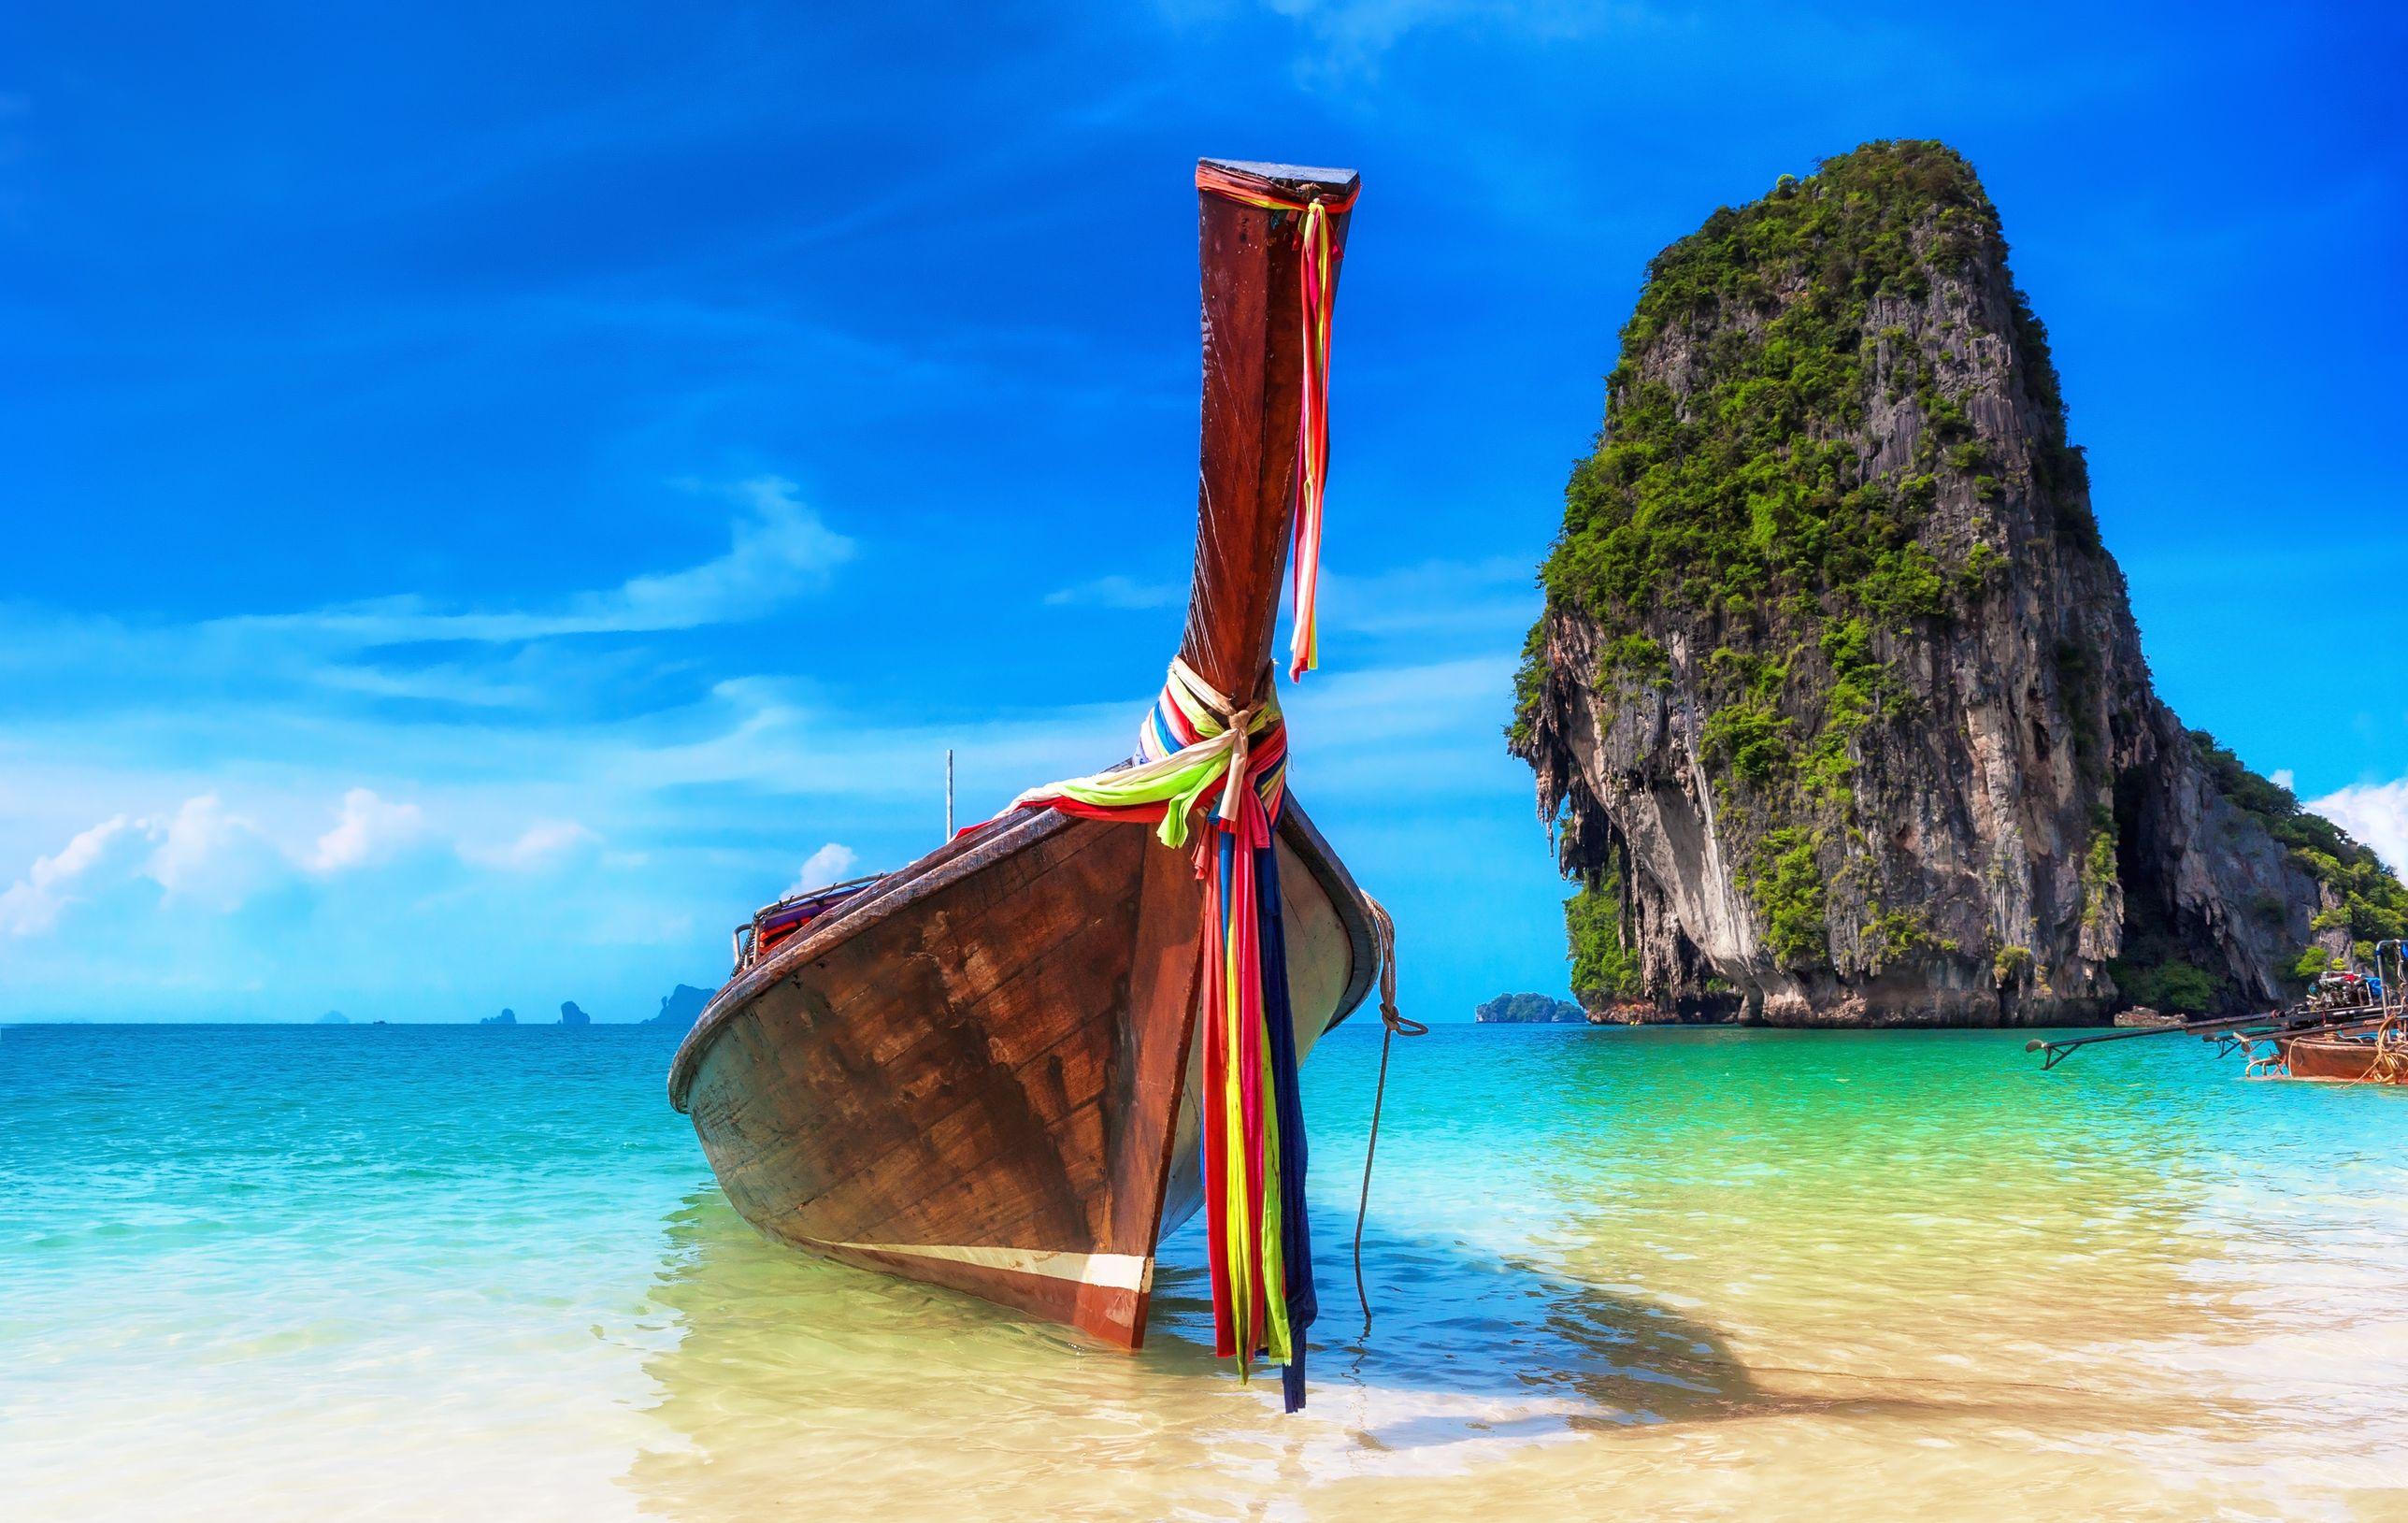 Thailand Travel Deals Nz